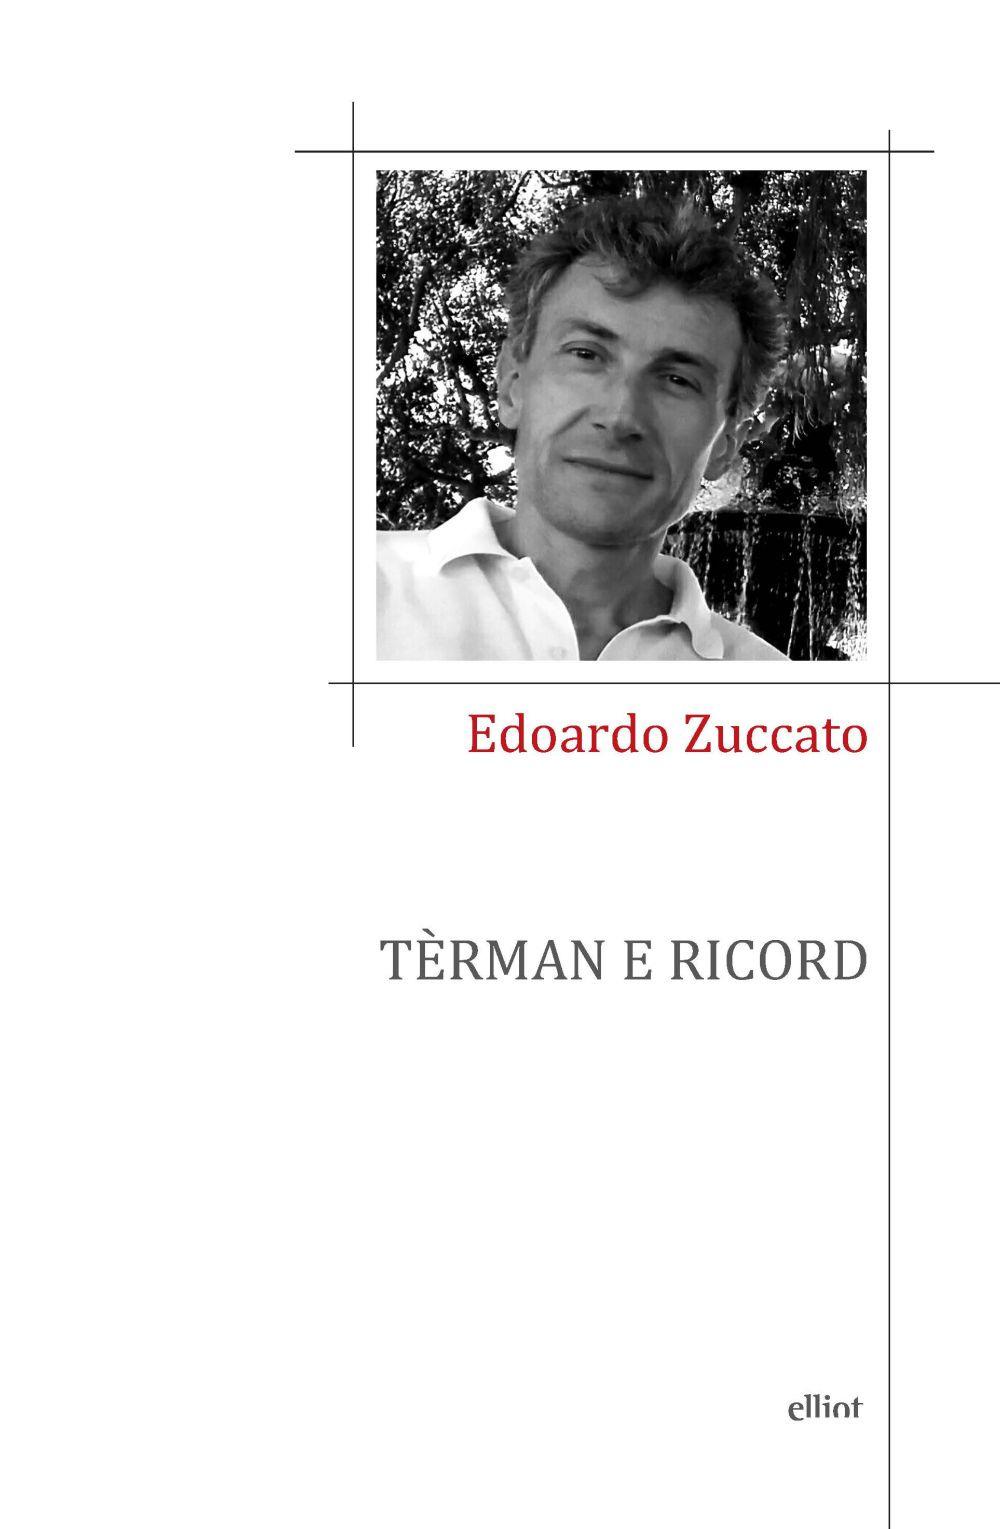 TERMAN E RICORD - Zuccato Edoardo - 9788892760509